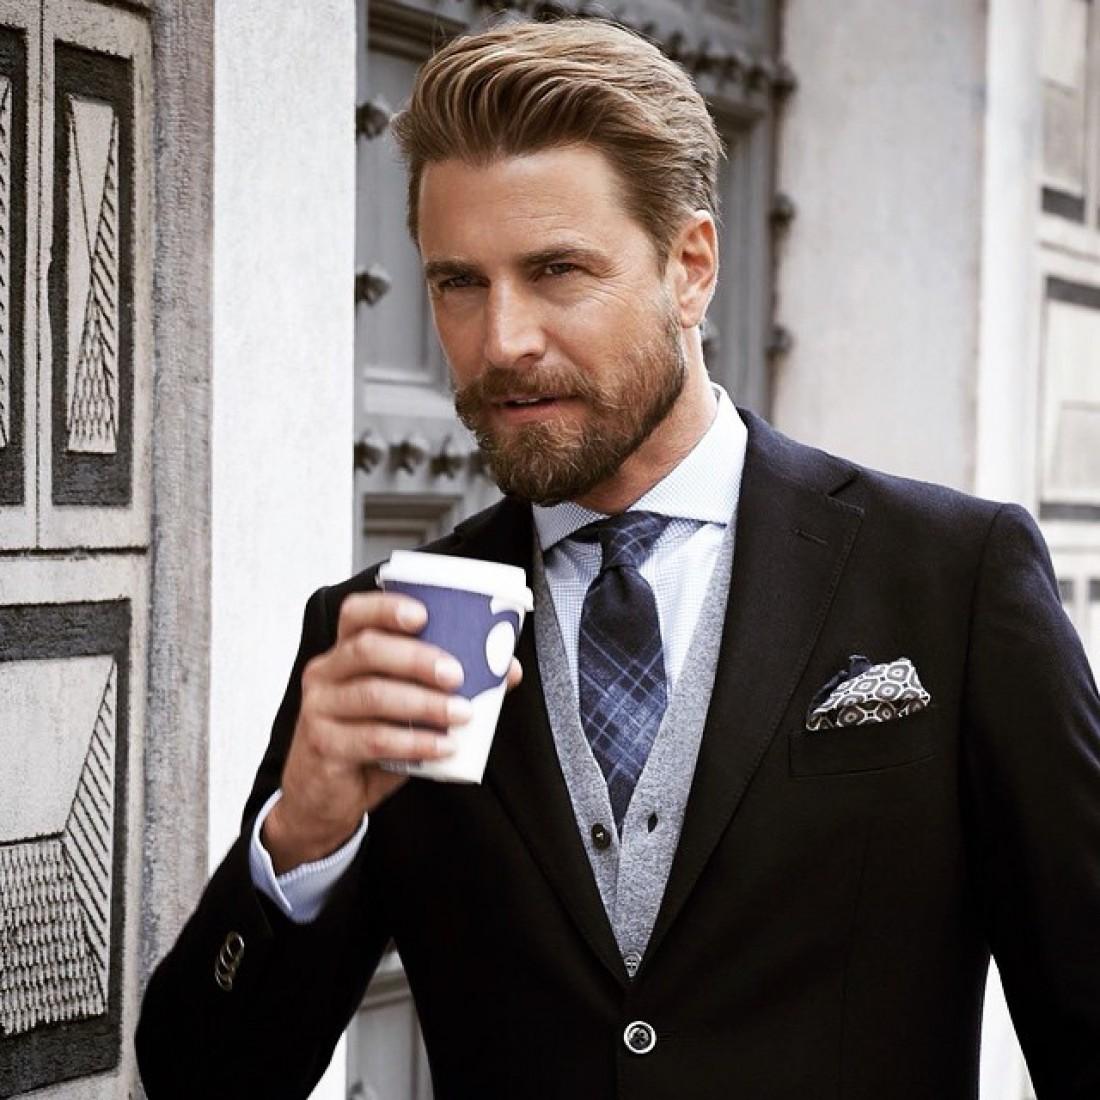 Кофе — один из самых здоровых способов снять стресс и отвлечься от работы